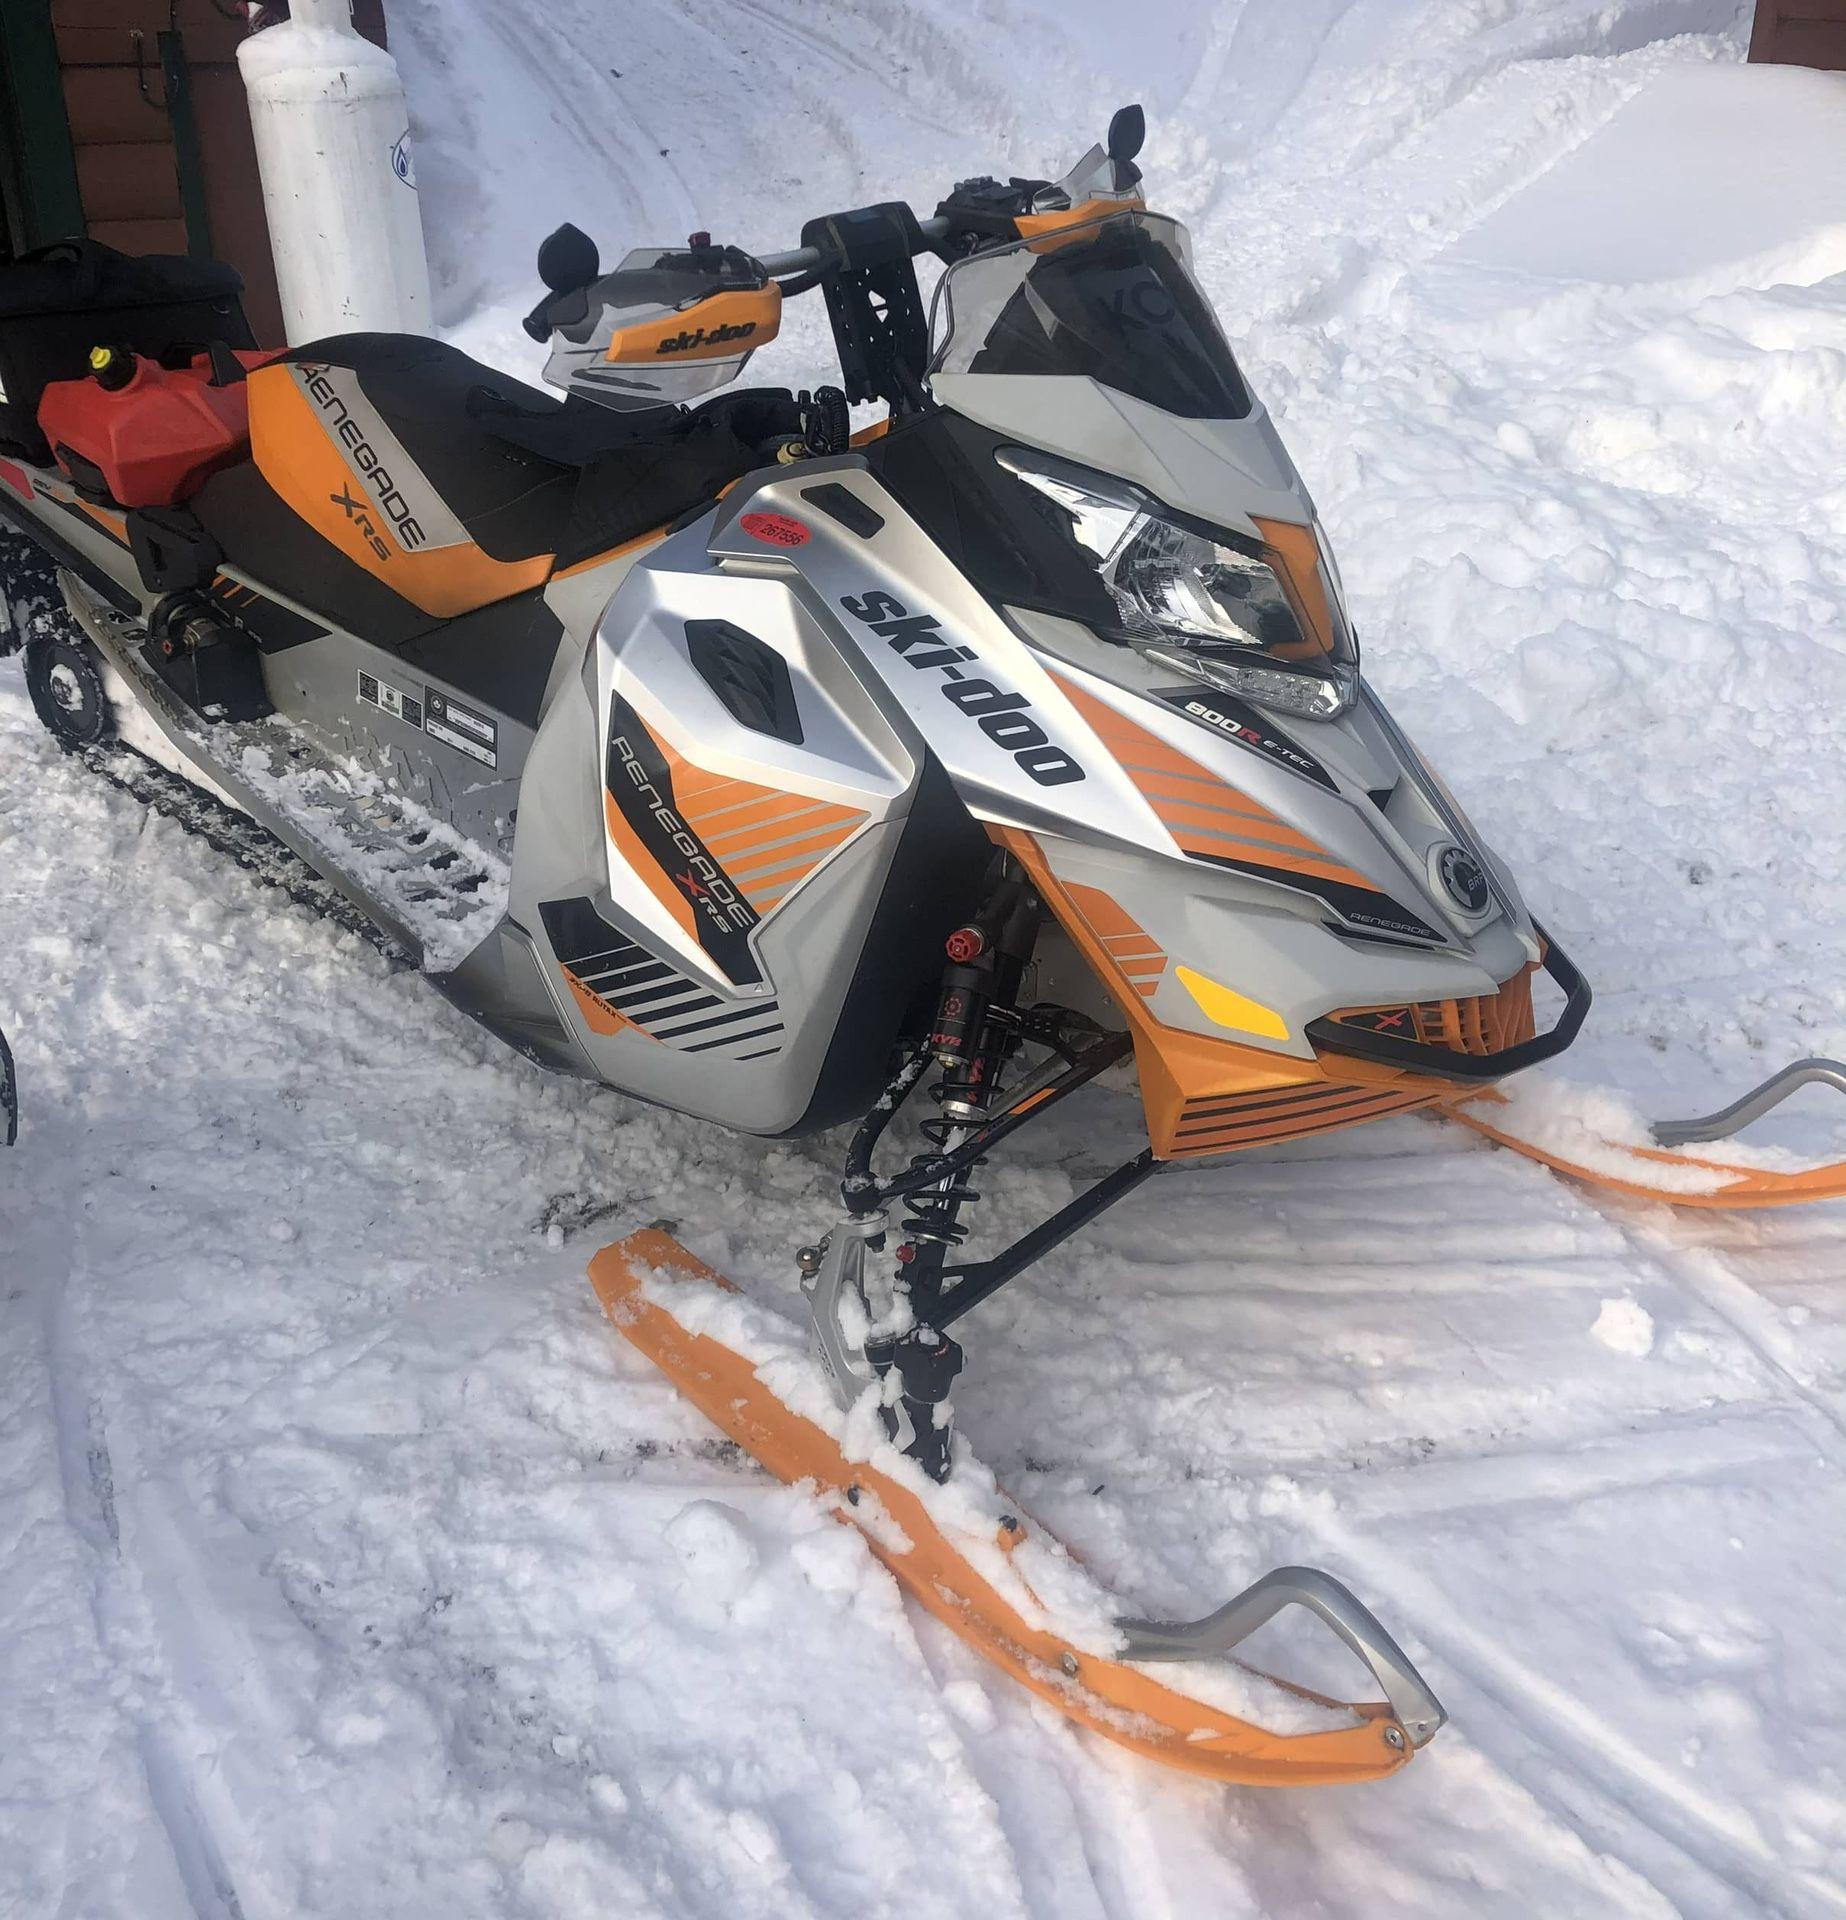 Ski-Doo Renegade XRS Snowmobile